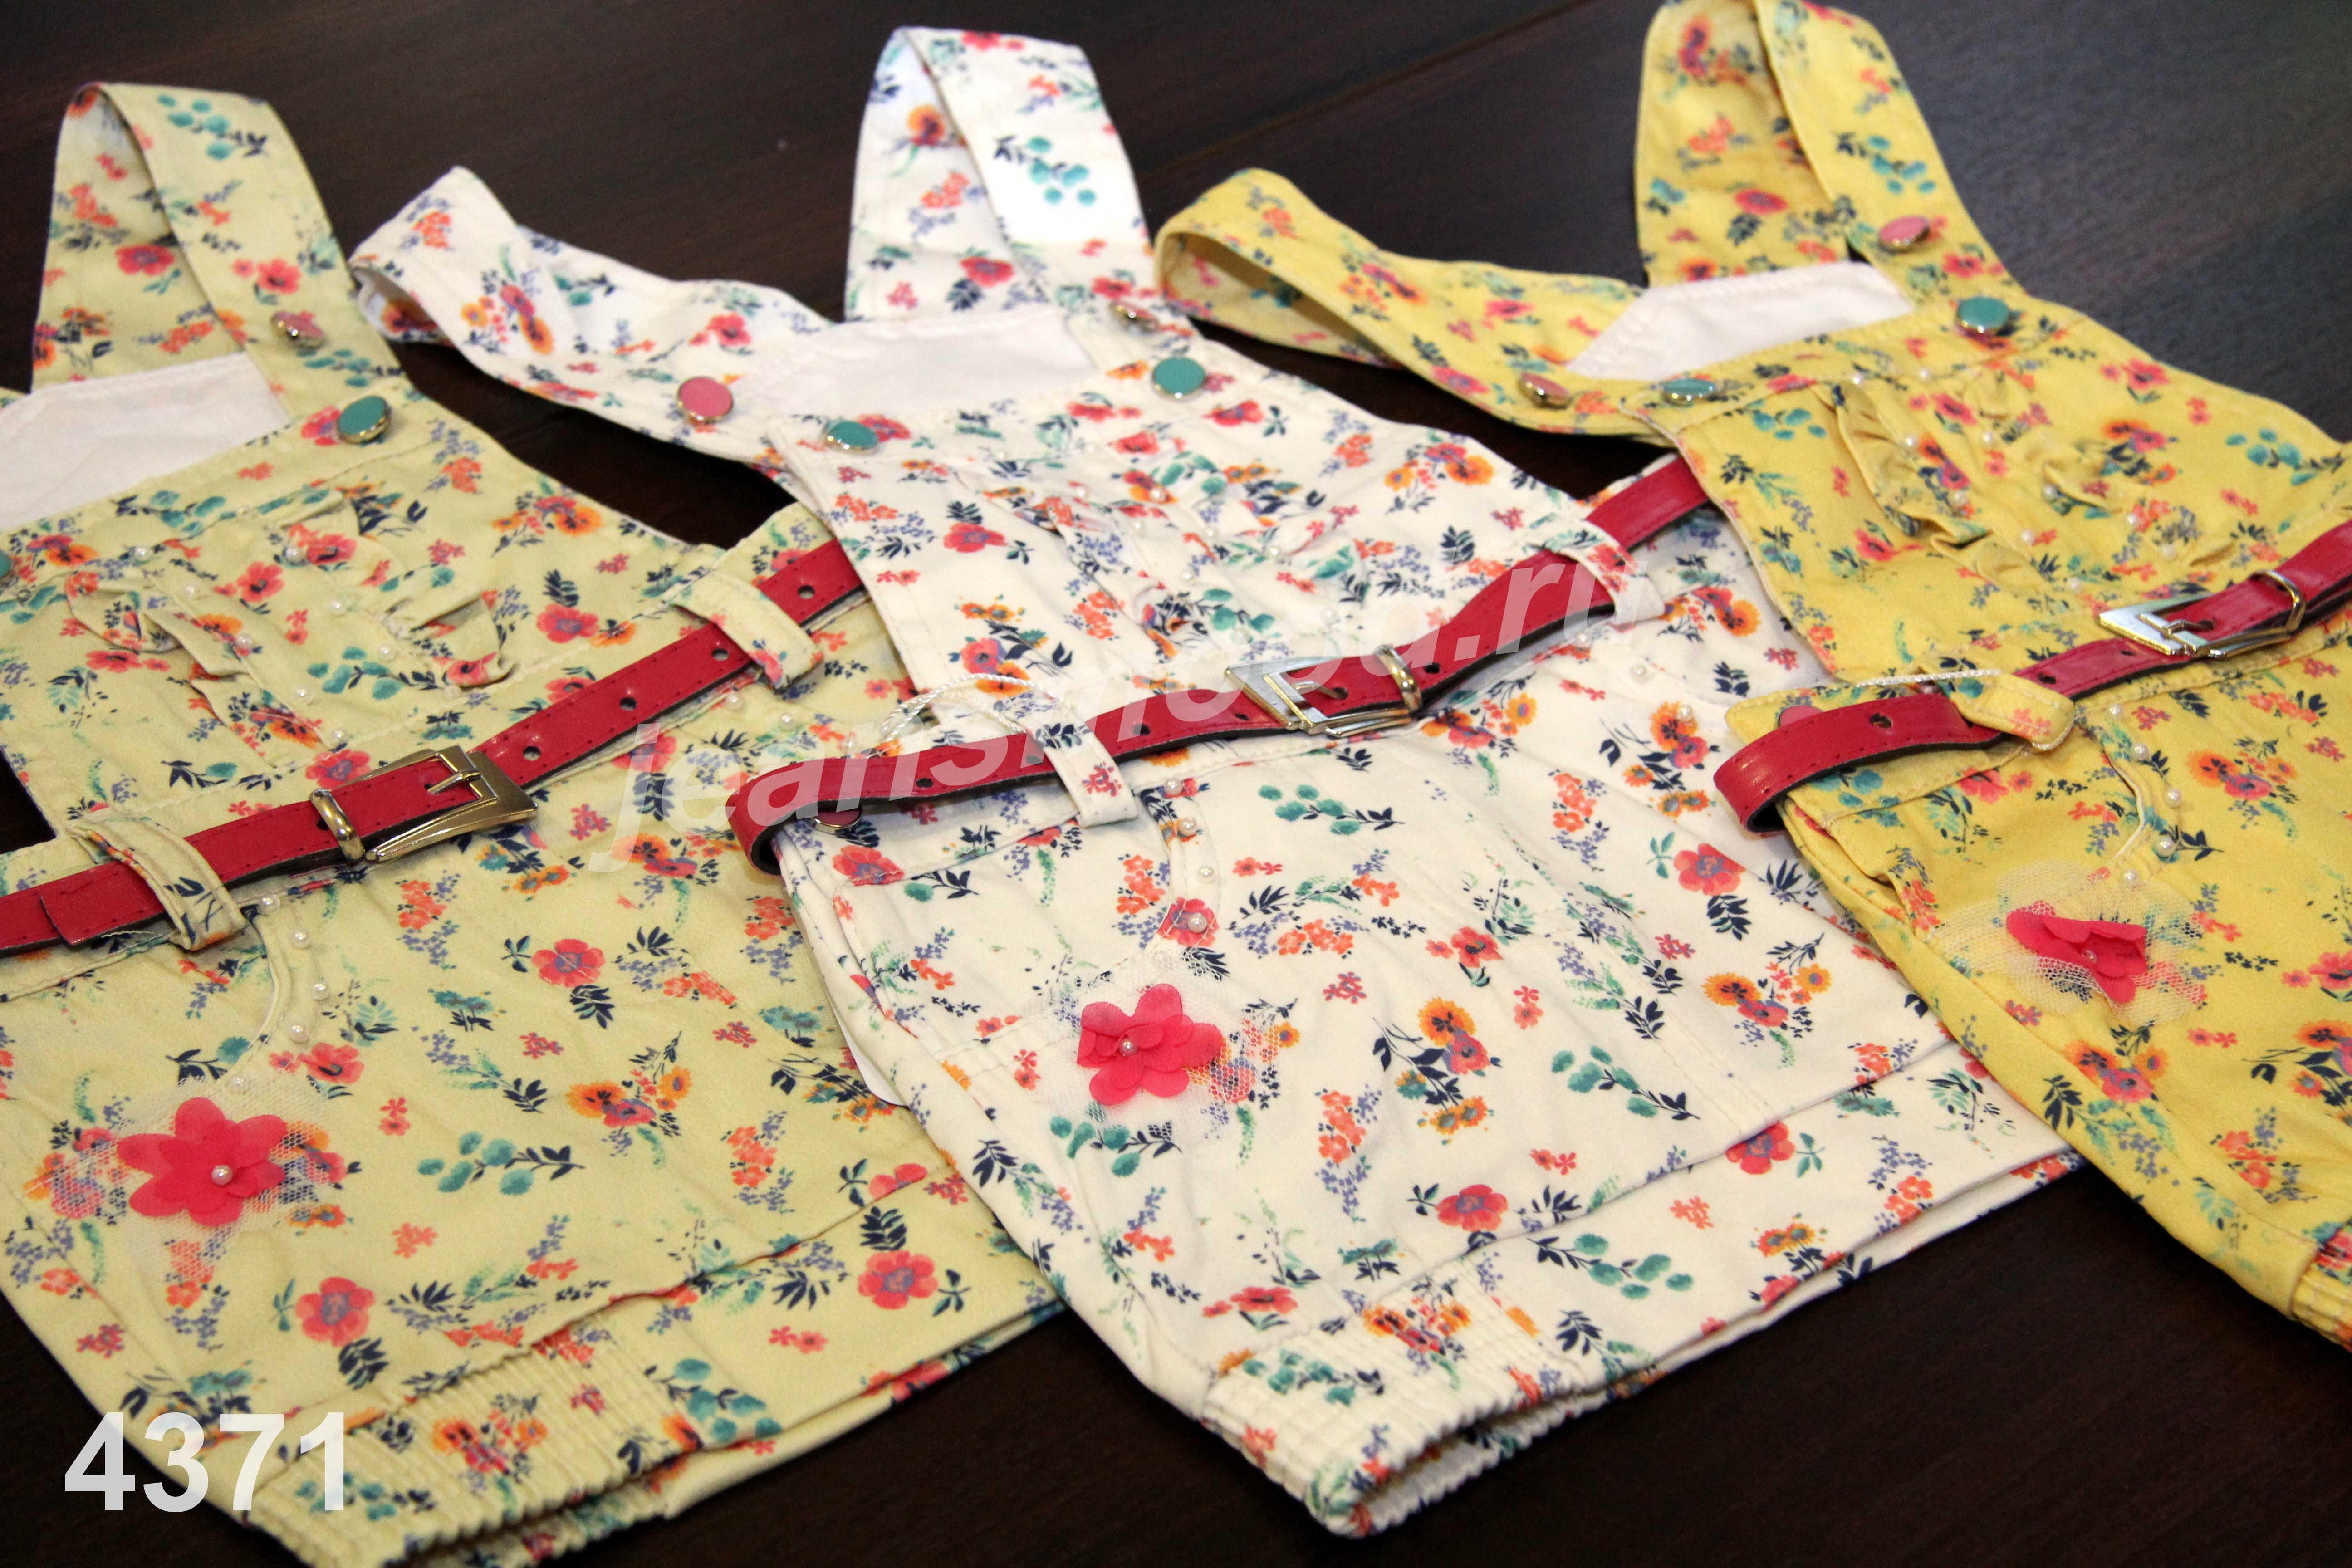 Джинсовое настроение-платья, сарафаны ,комбинезоны, юбки, джинсы, рубашки, костюмы, трикотаж ,новинки. Сбор 8